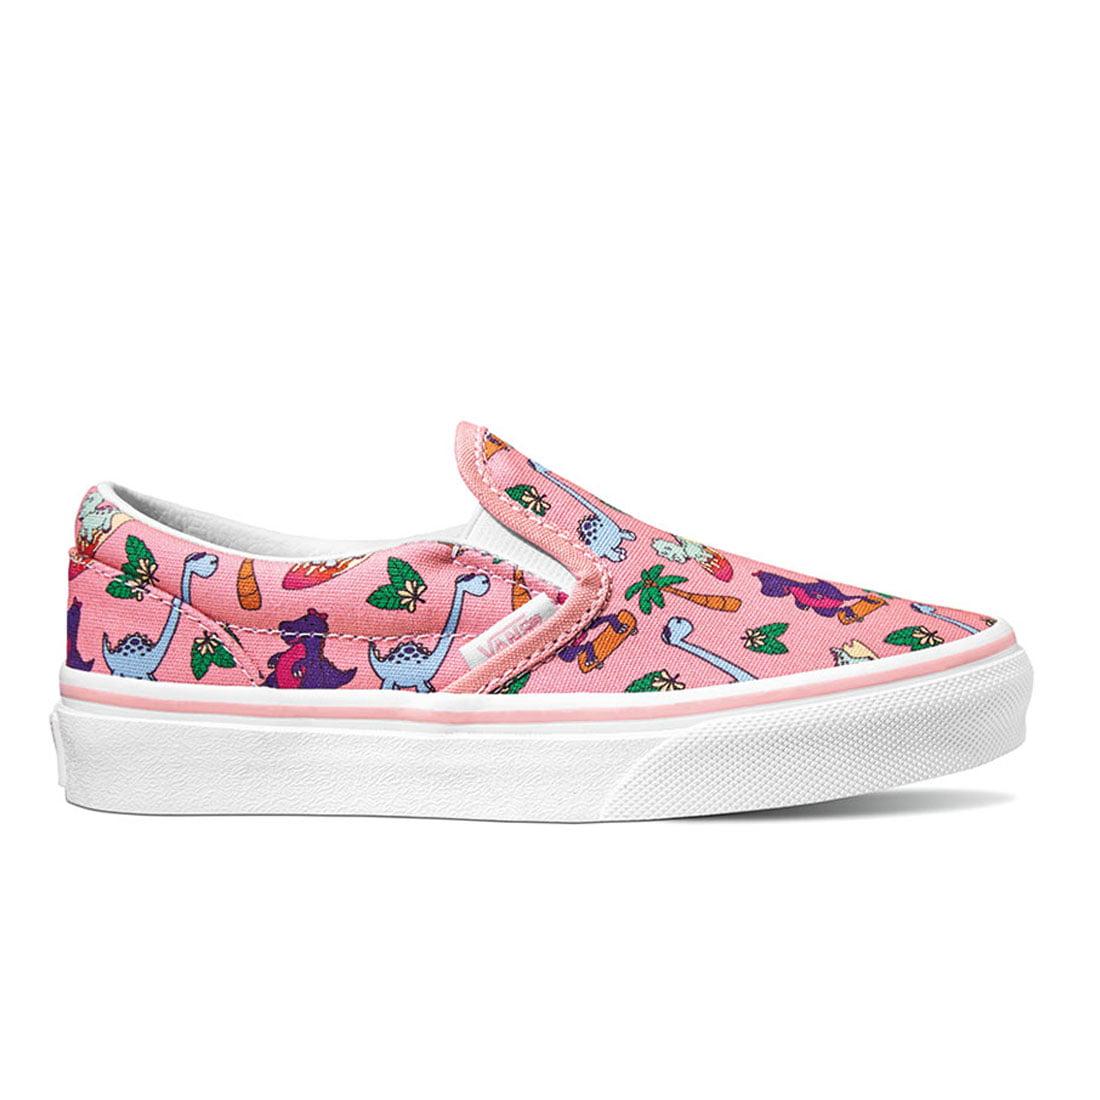 Vans - Vans Classic Slip-On (Surf Dinos) Grade School Girls/Child Shoe Size Big Kid 5 Athletics VN0A4UH8WL4 ((Surf Dinos) Pink Icing/True White) - ...